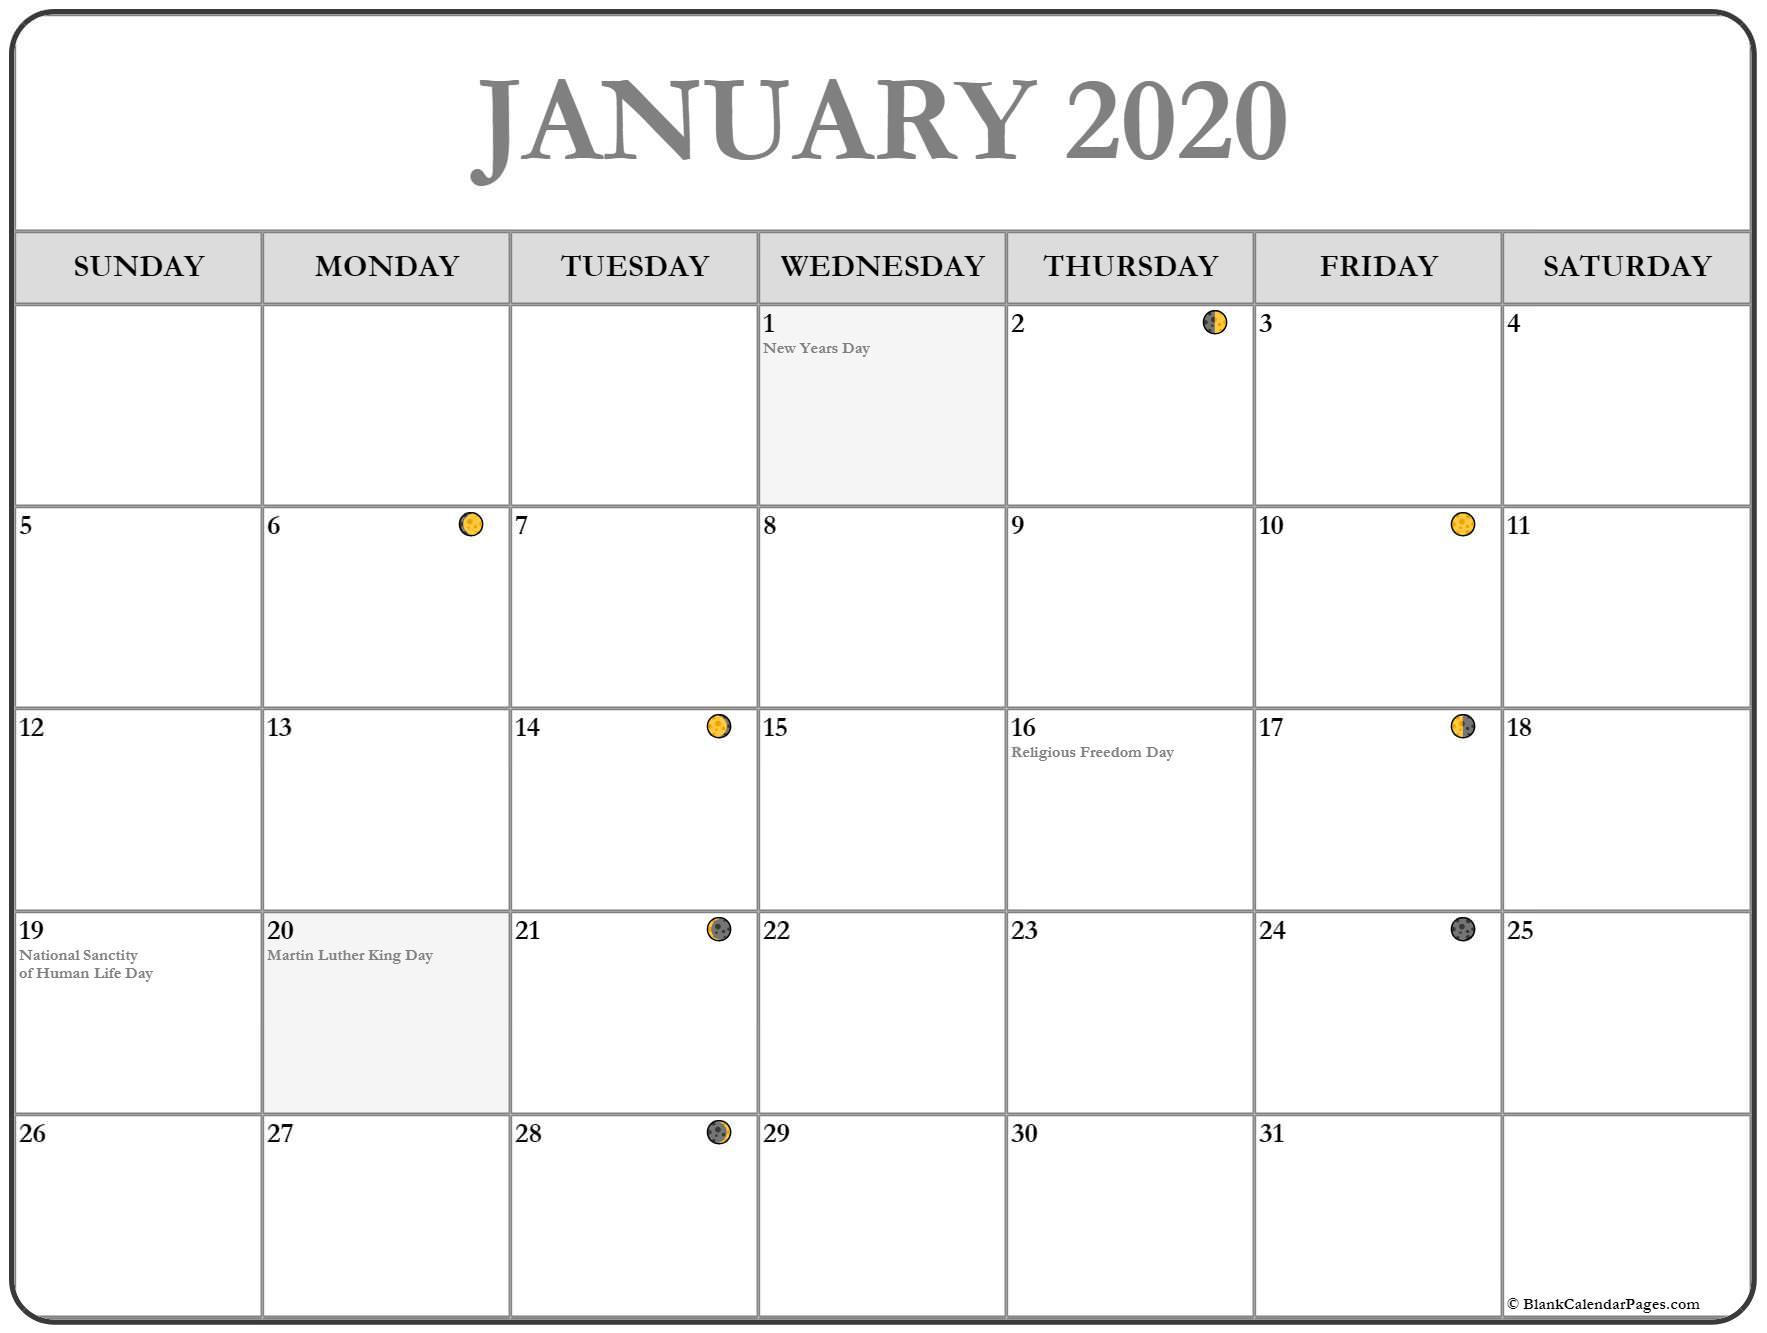 January 2020 Lunar Calendar Moon Phase Calendar